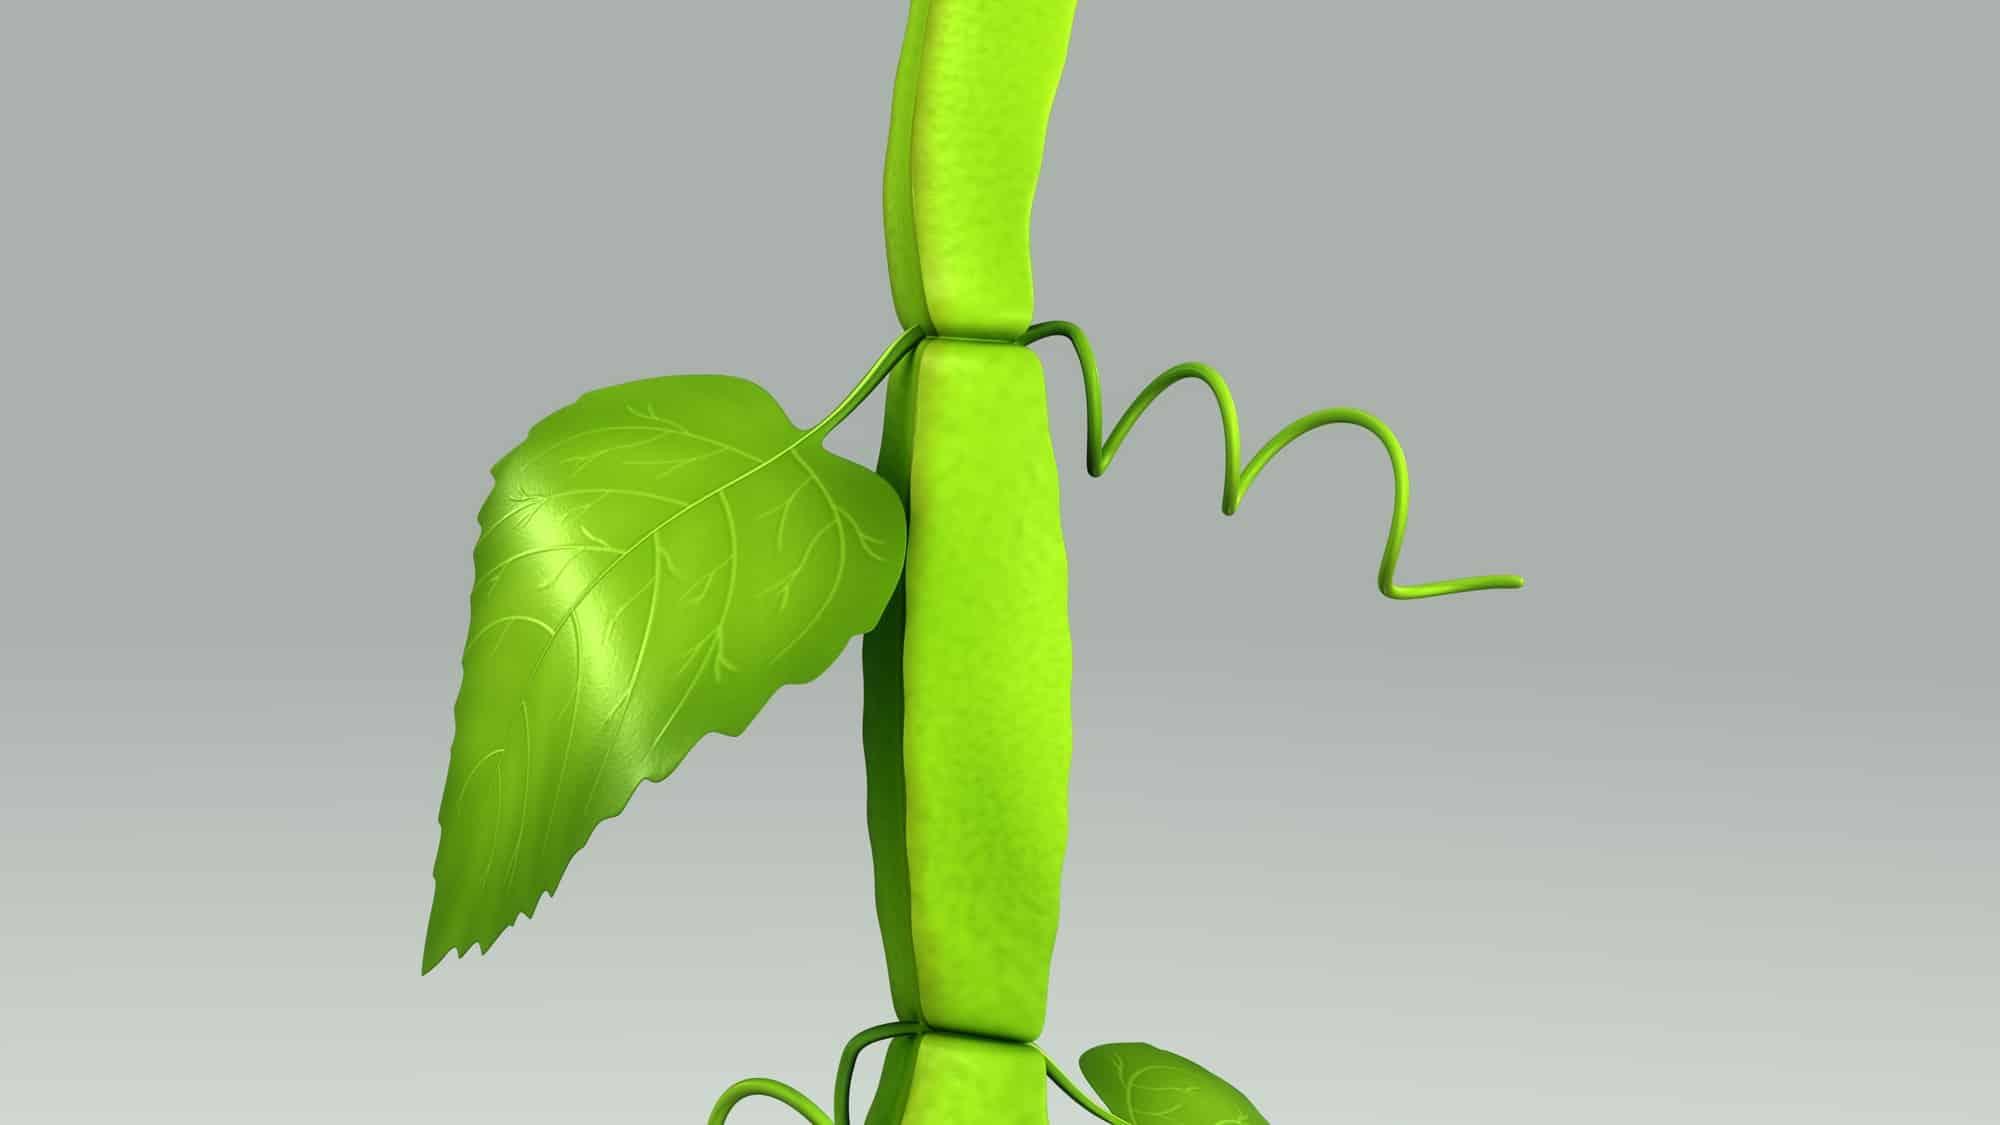 What Are the Benefits of Cissus Quadrangularis?